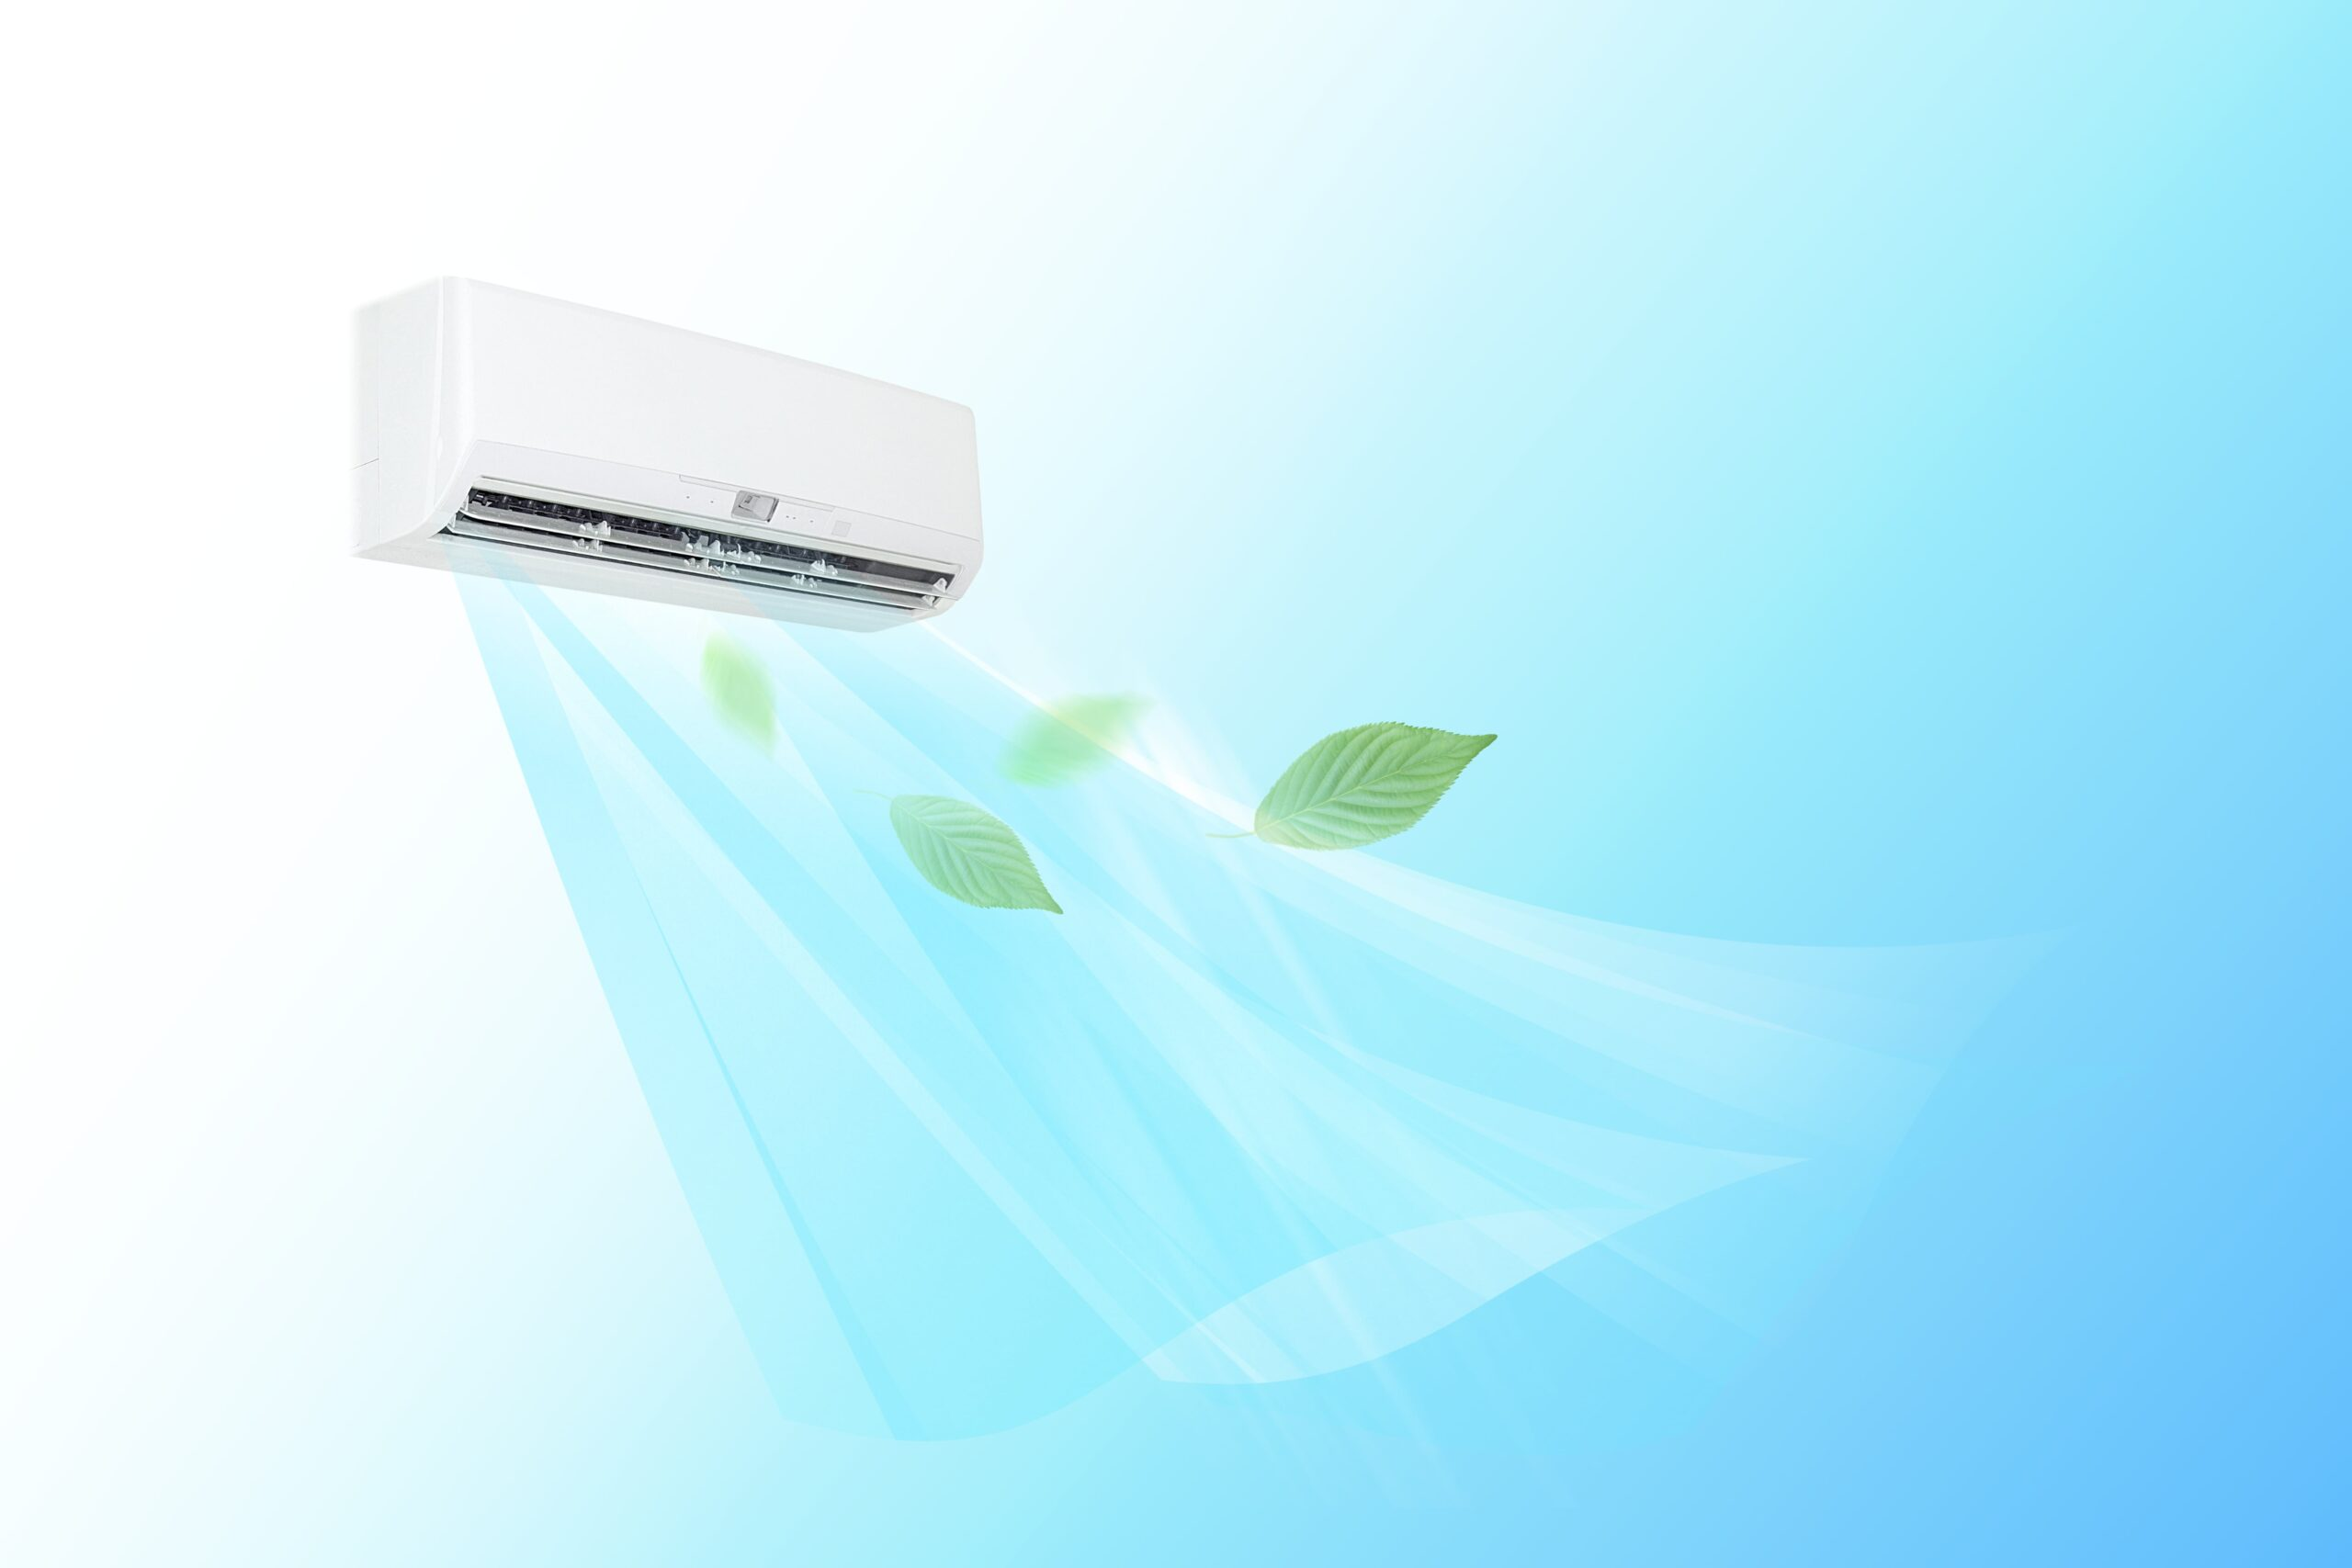 業務用エアコンを自分で掃除する方法と簡単に掃除ができる箇所を紹介!